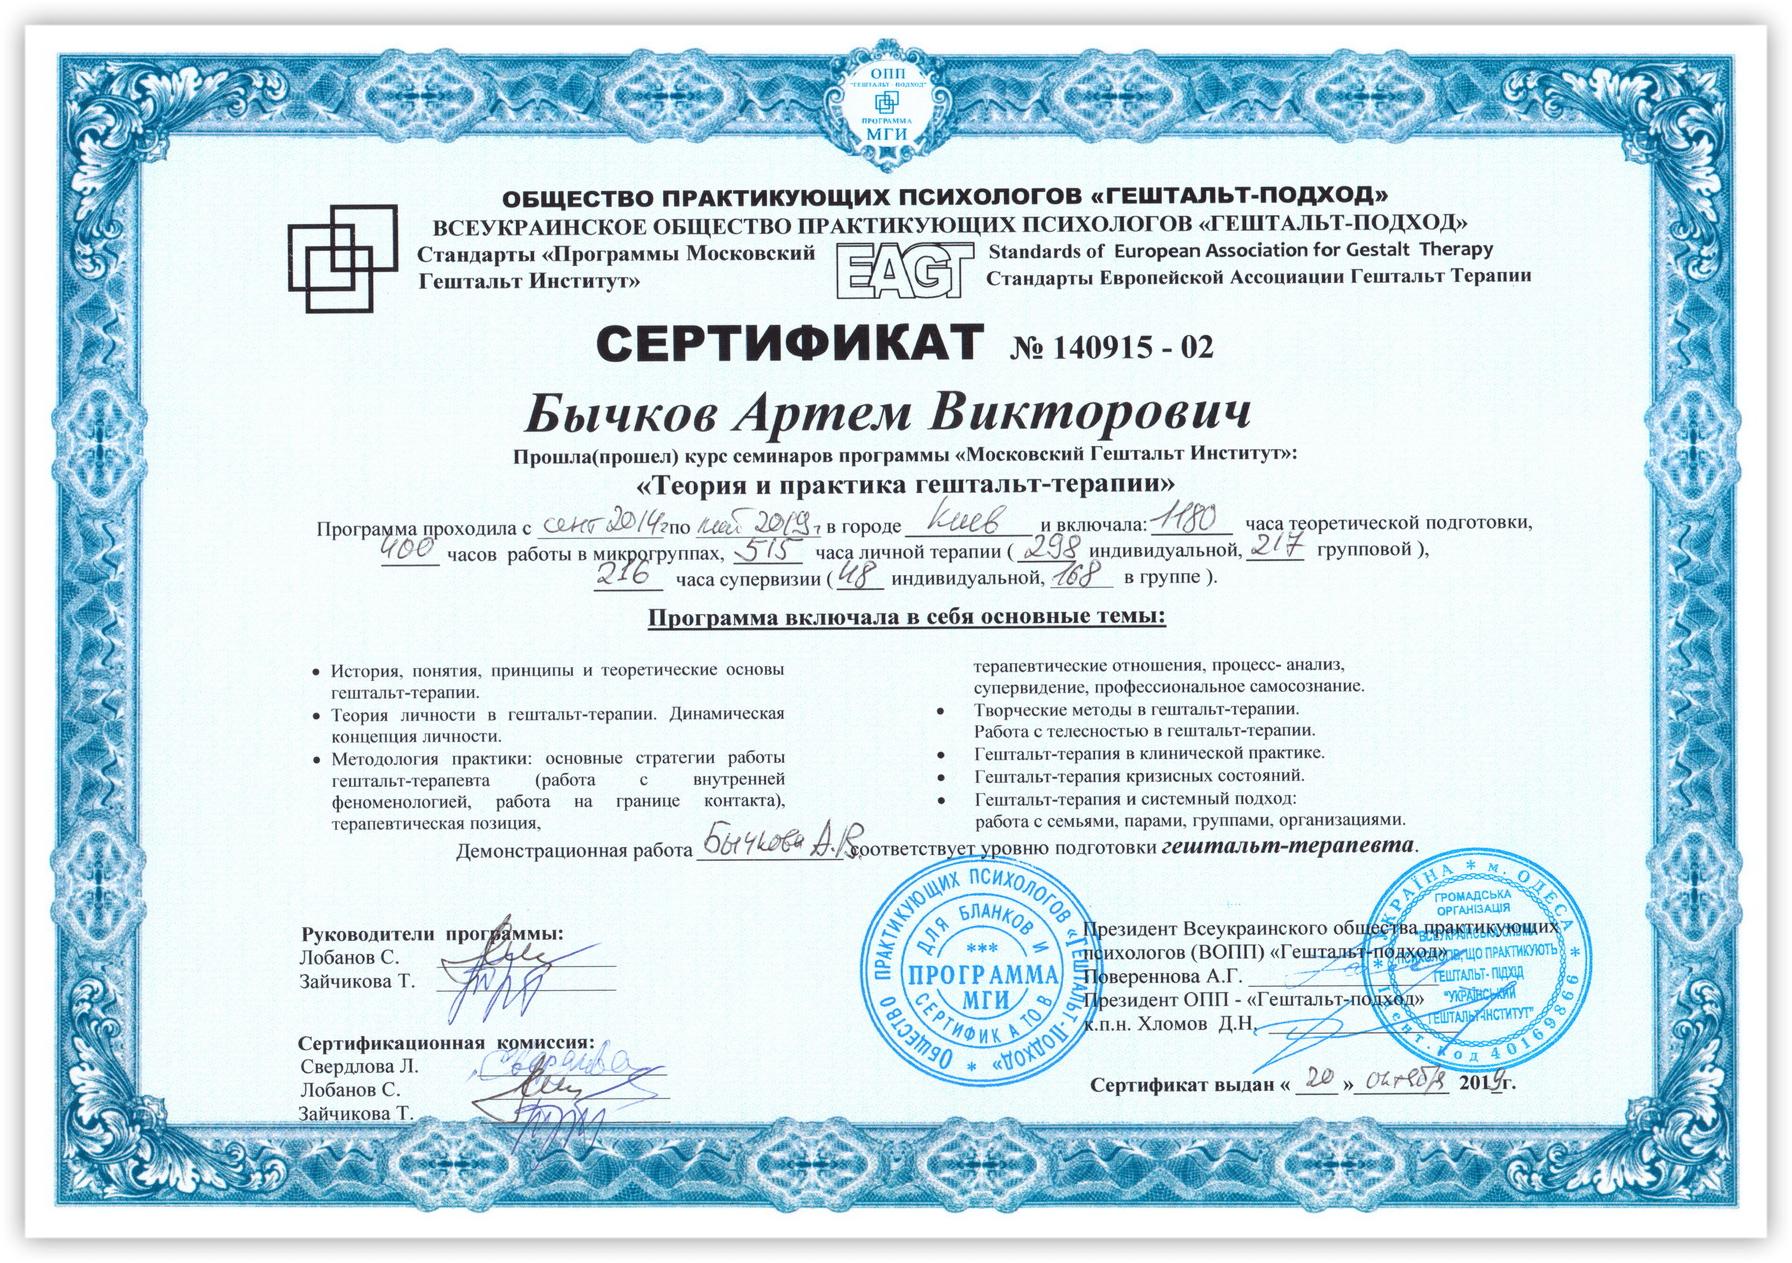 Cертификат ВОПП ГП гештальт-терапевт Артём Бычков